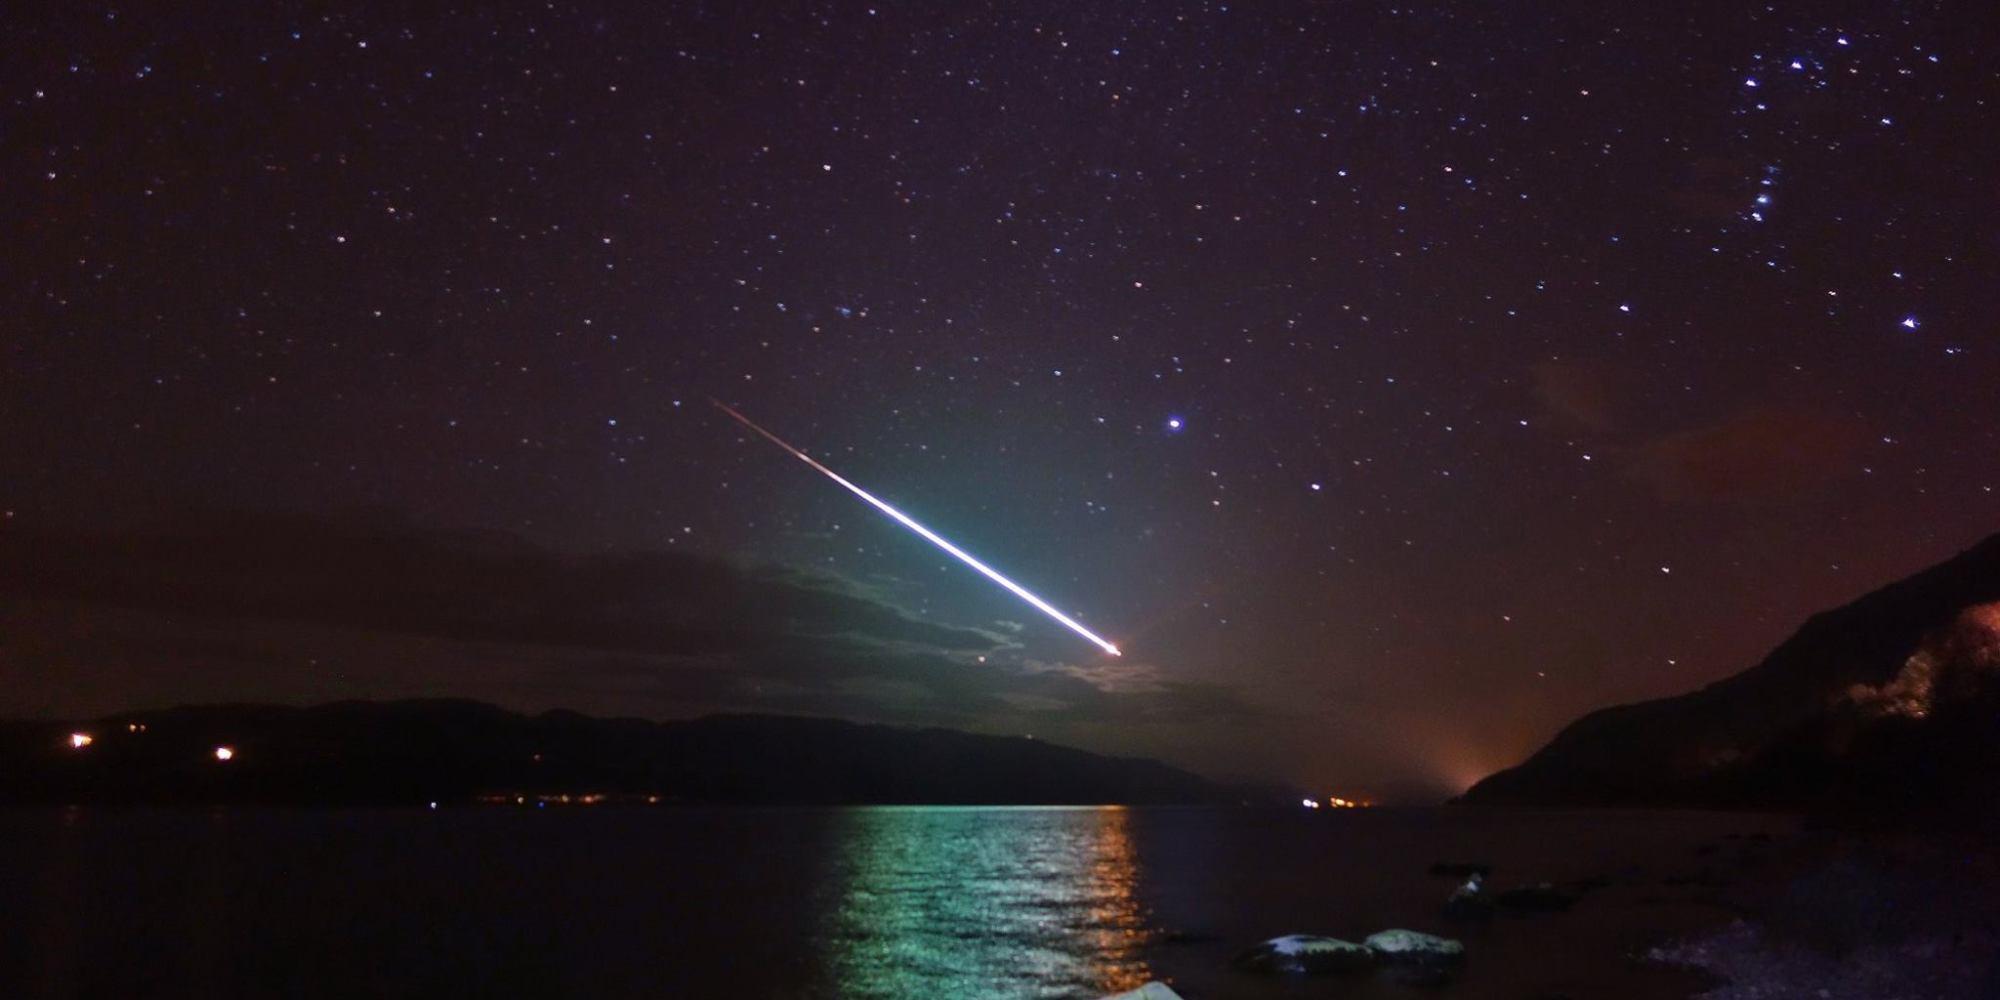 meteor - photo #19